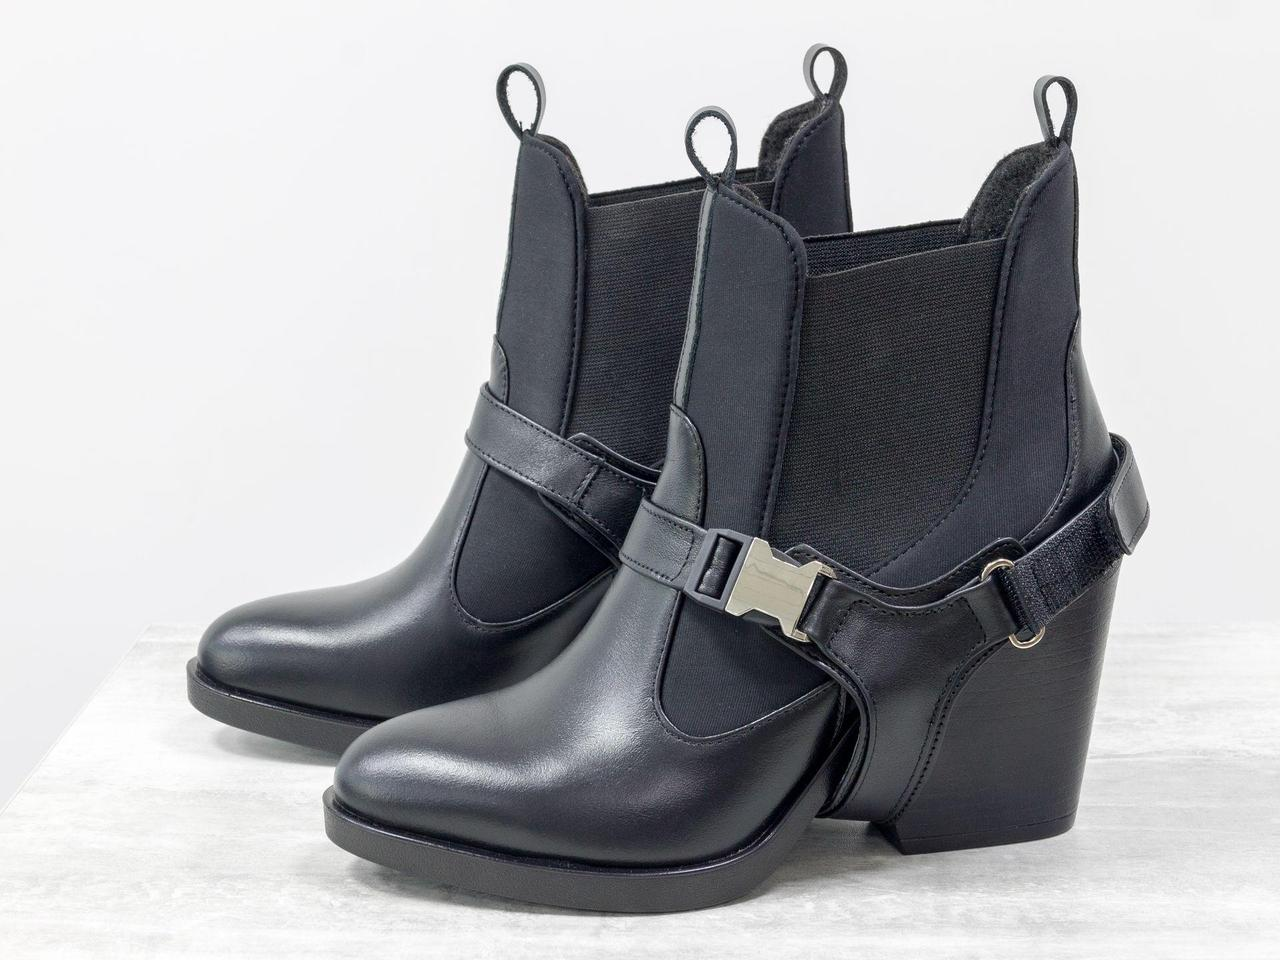 Дизайнерские ботинки из натуральной кожи черного цвета и эластичными вставками из дайвинга